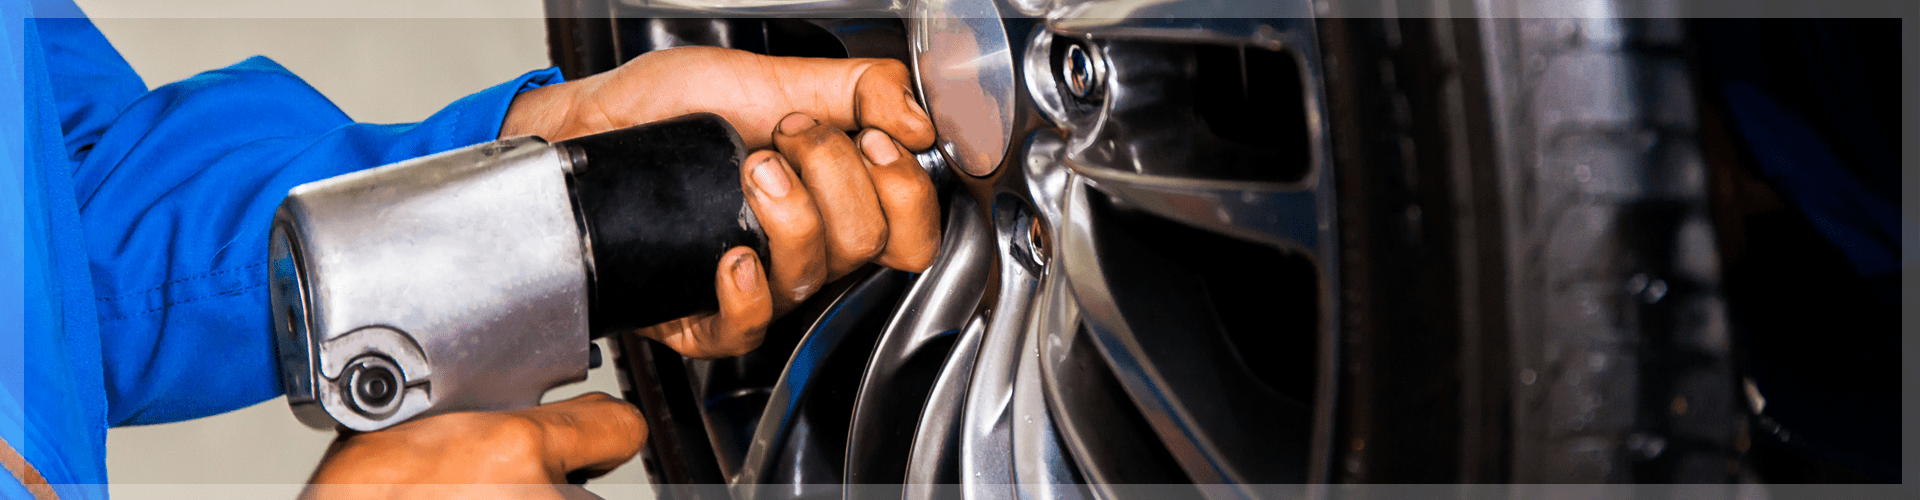 Tire installation header